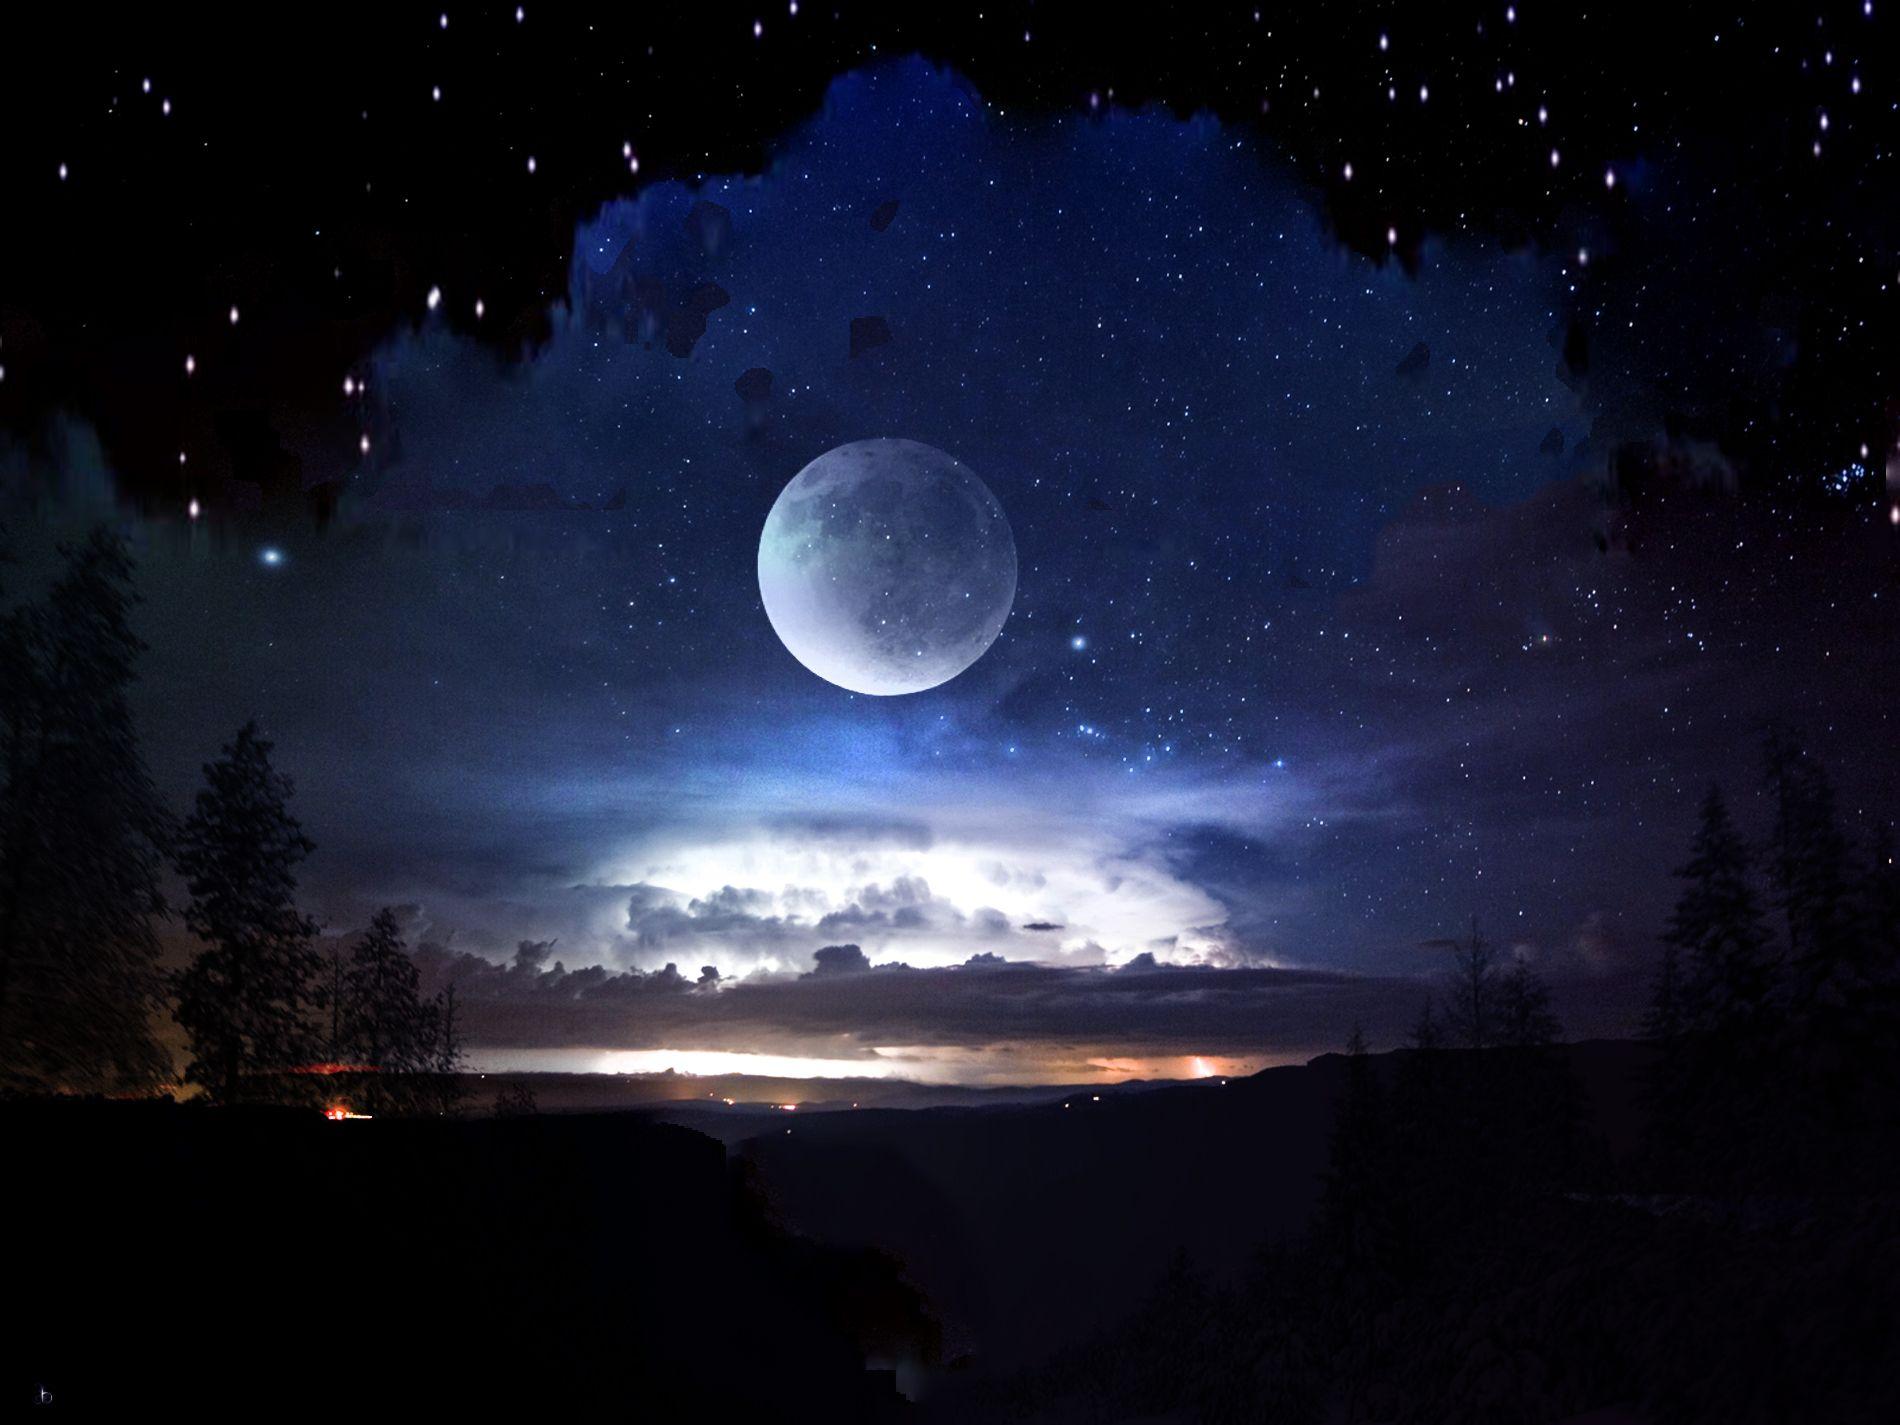 Картинки луна и звезды красивые, украсить открытка своими